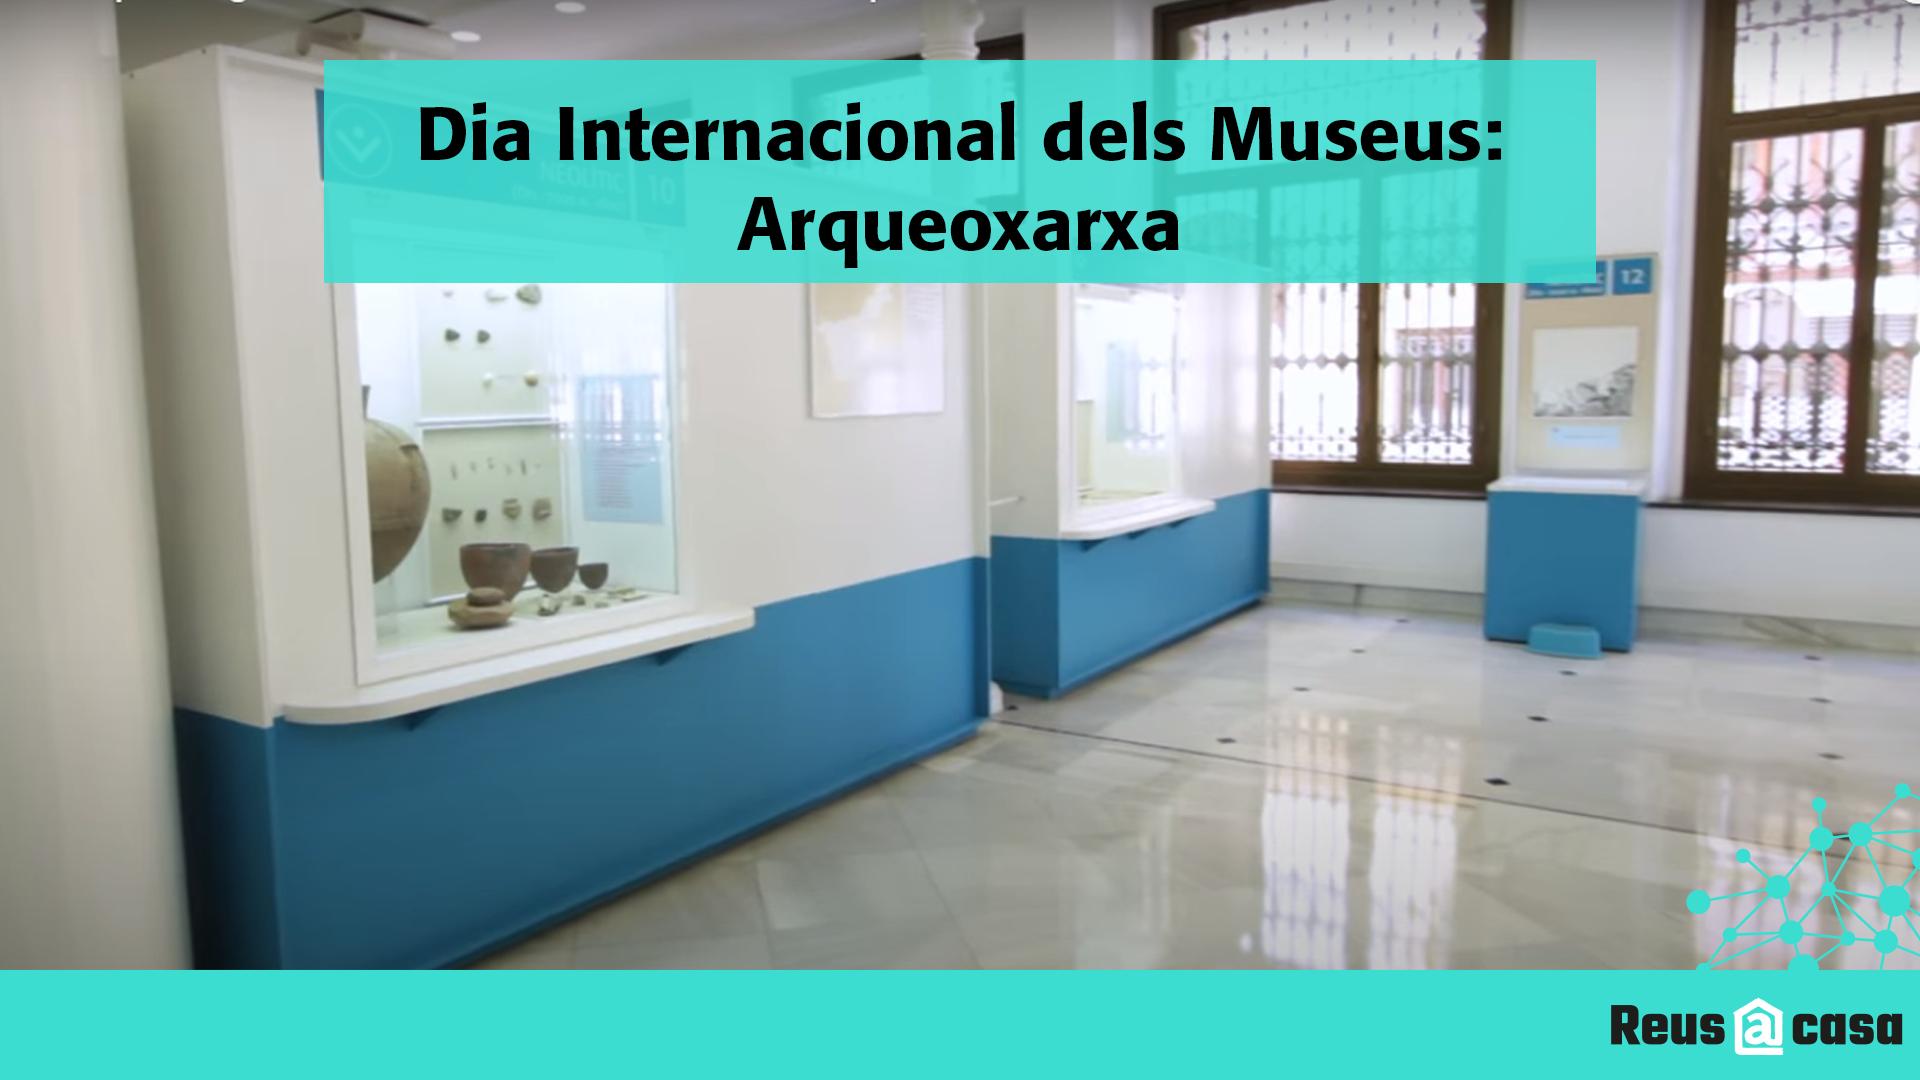 Dia Internacional dels Museus: Arqueoxarxa